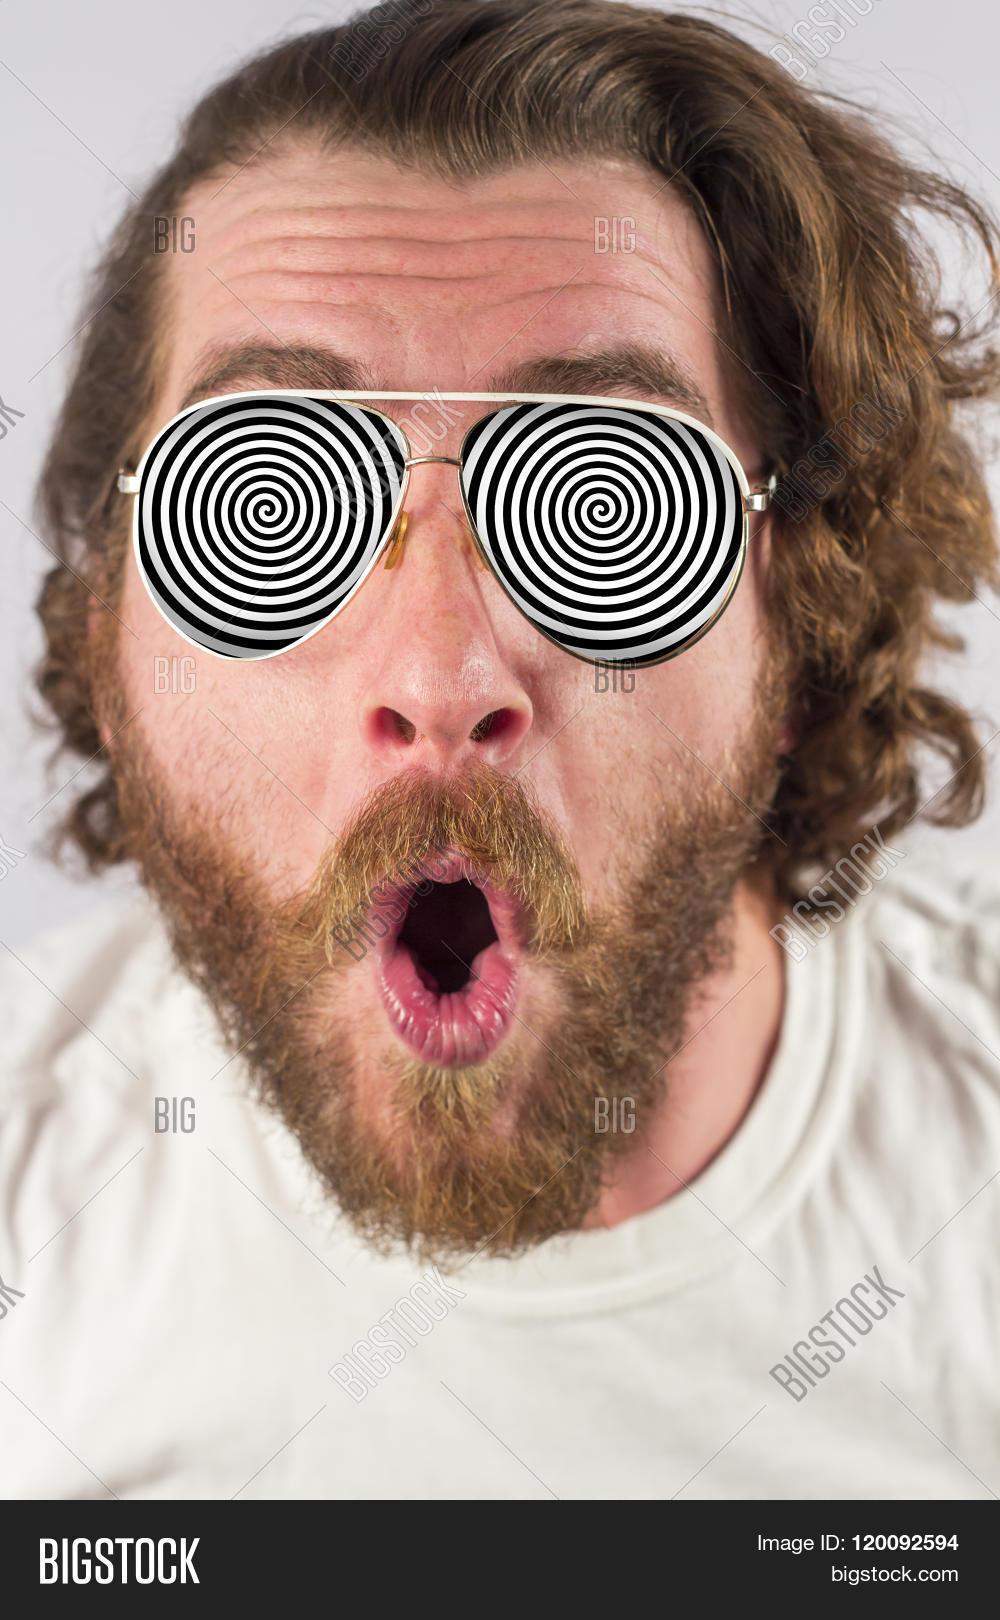 очки картинки оптические иллюзии том